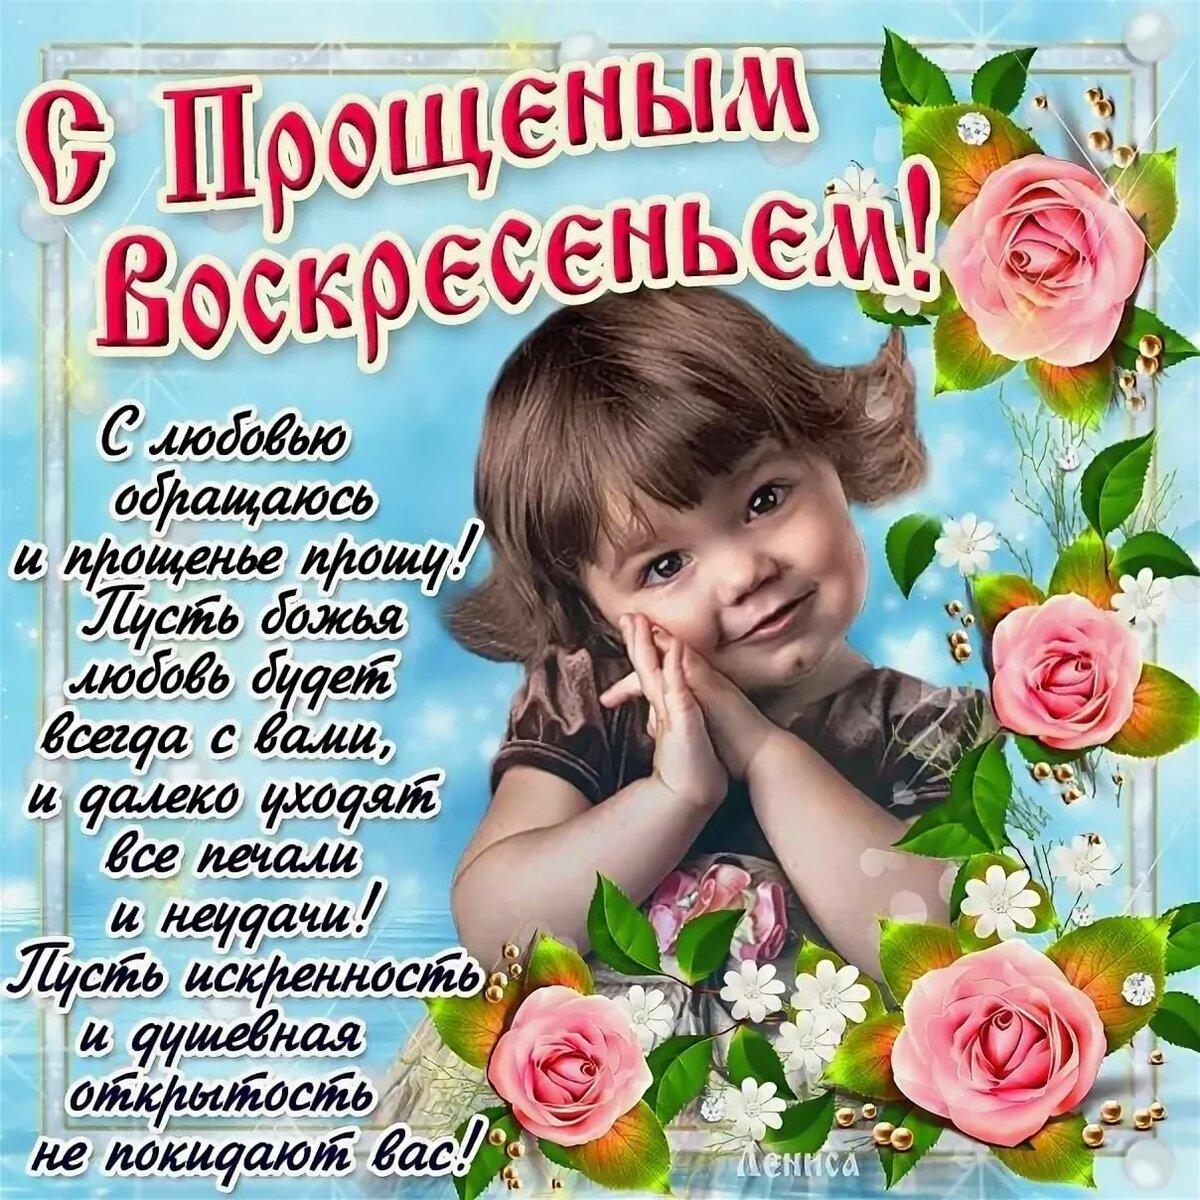 Прощенное воскресенье открытки с поздравлениями, открытки мая открытки